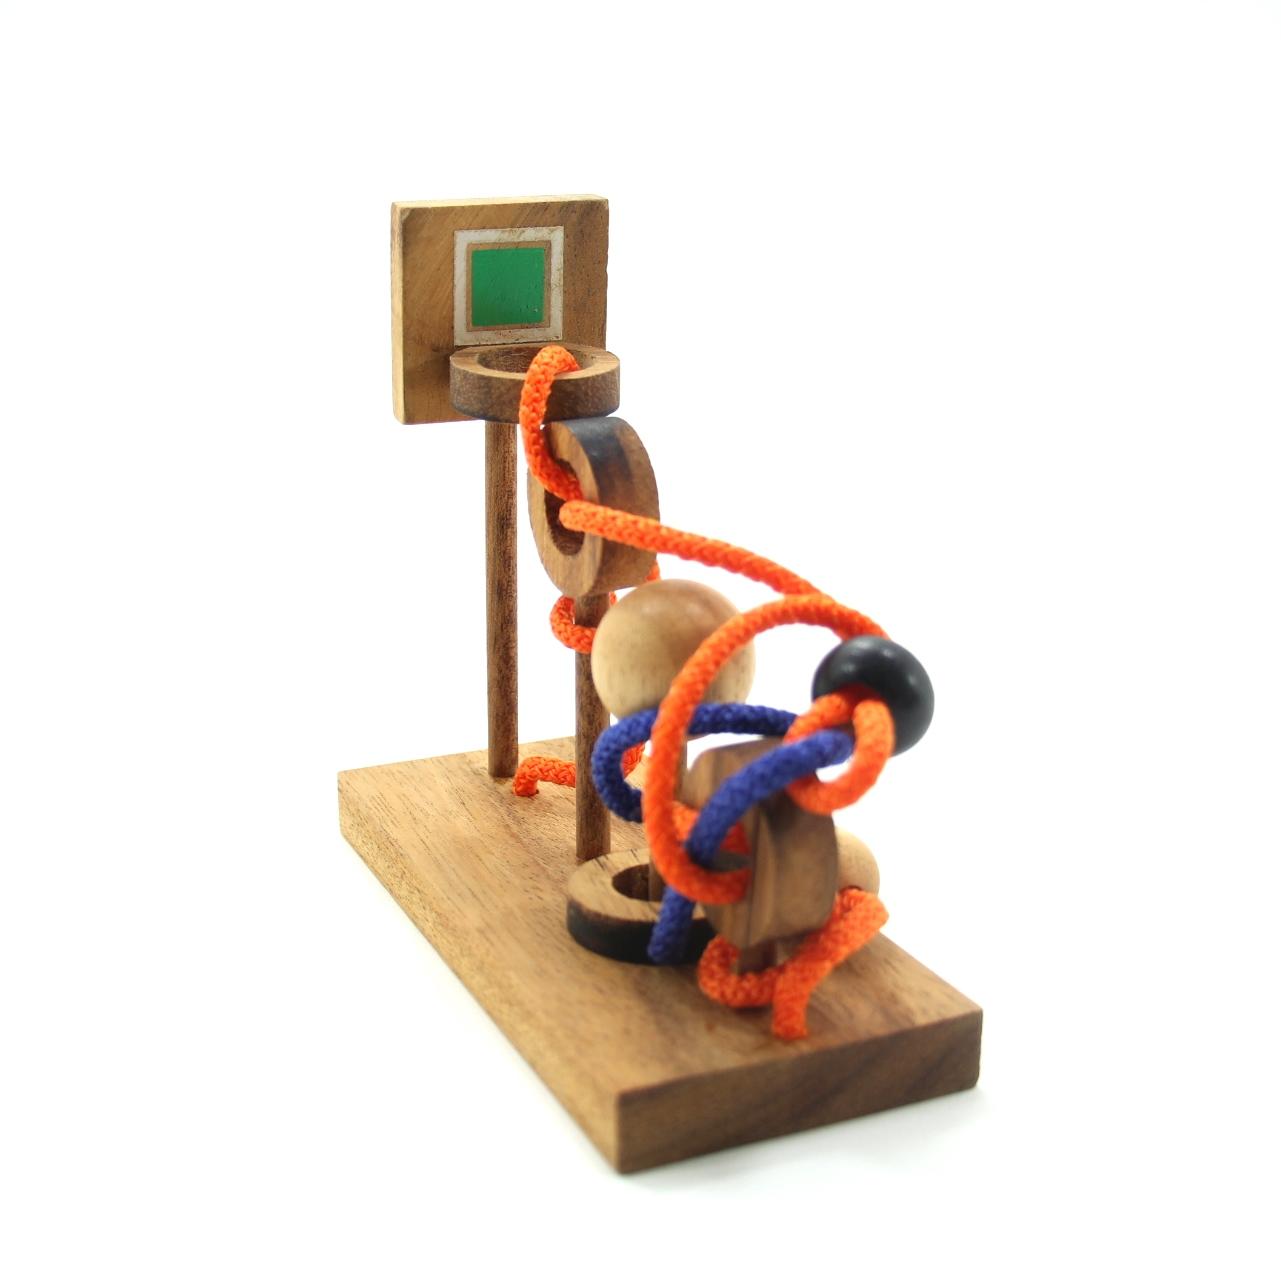 บาสเกตบอล Shoot ของเล่นไม้ ของเล่นเสริมพัฒนาการ ของเล่นฝึกสมอง